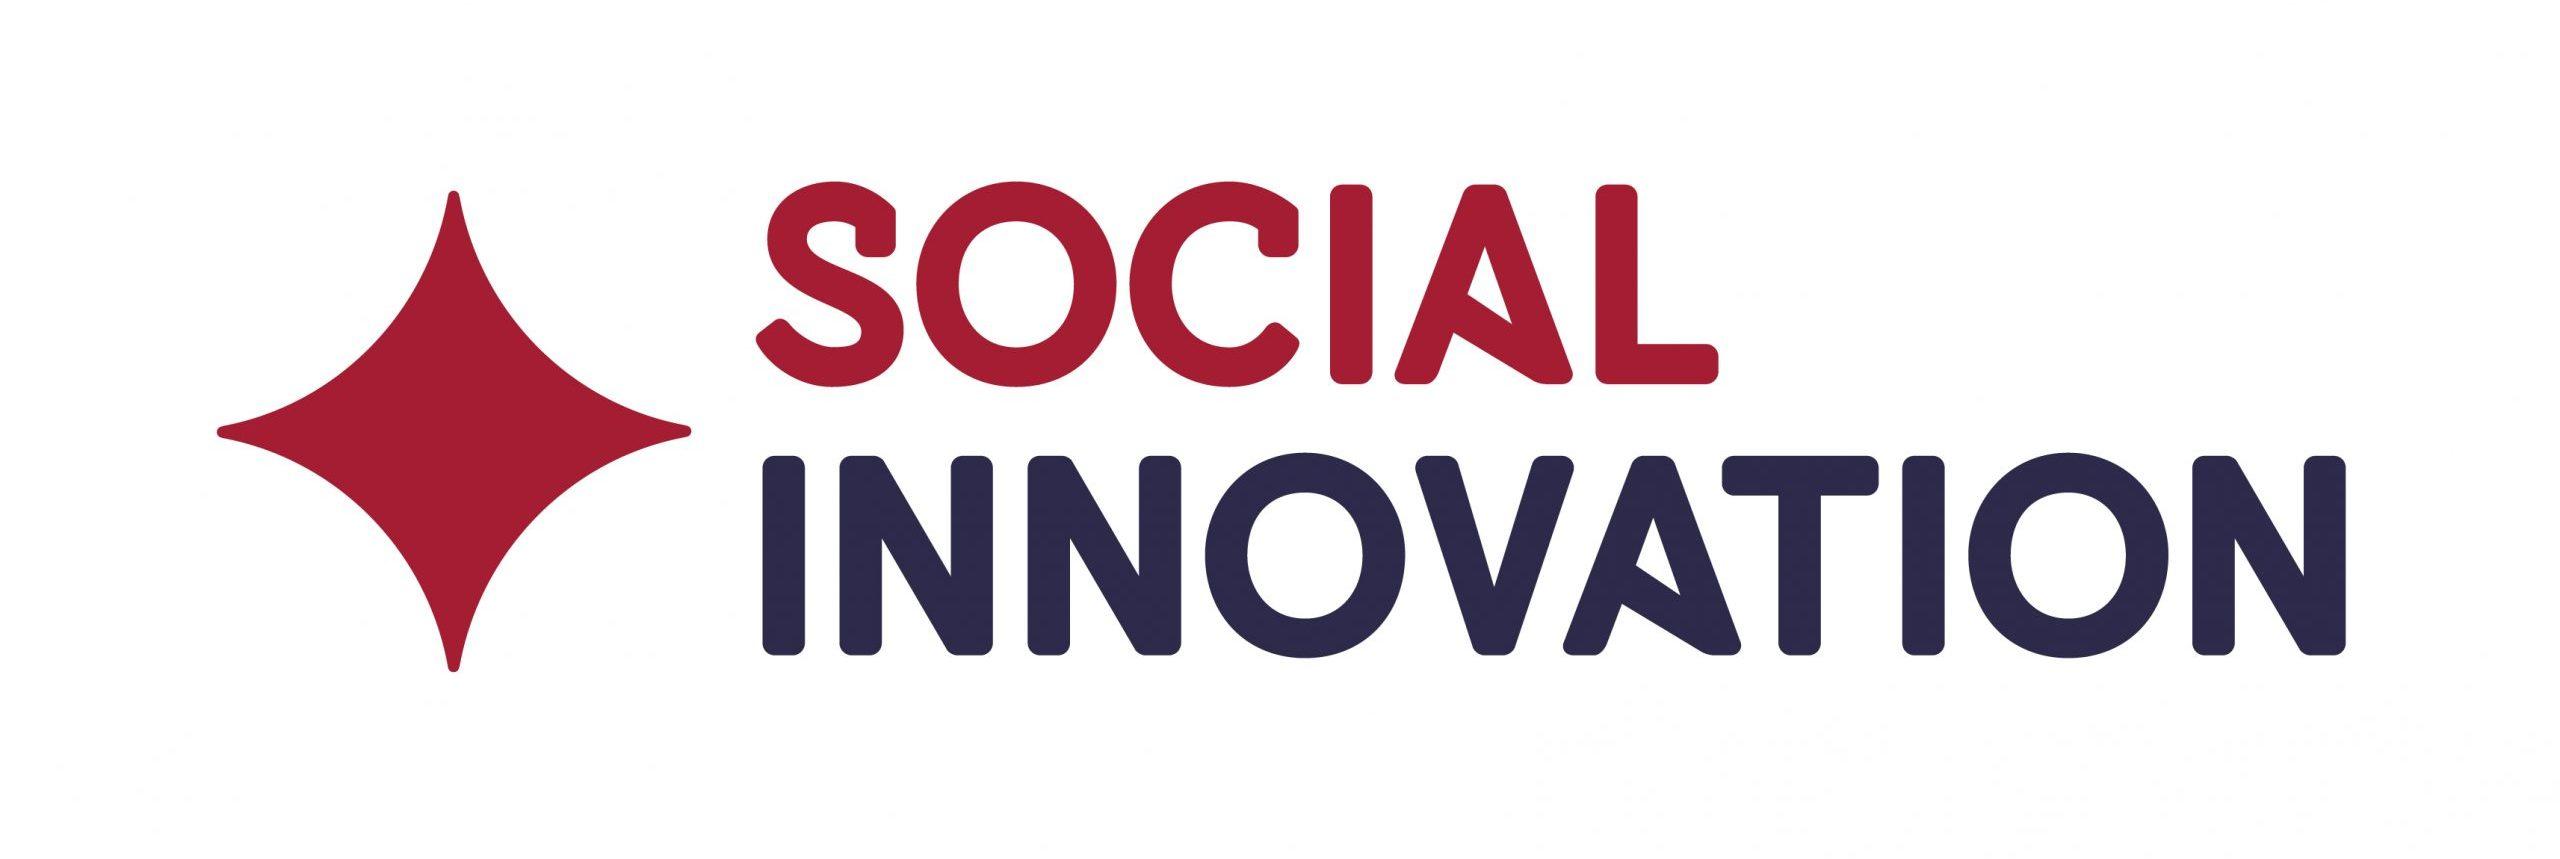 นวัตกรรมเพื่อสังคม